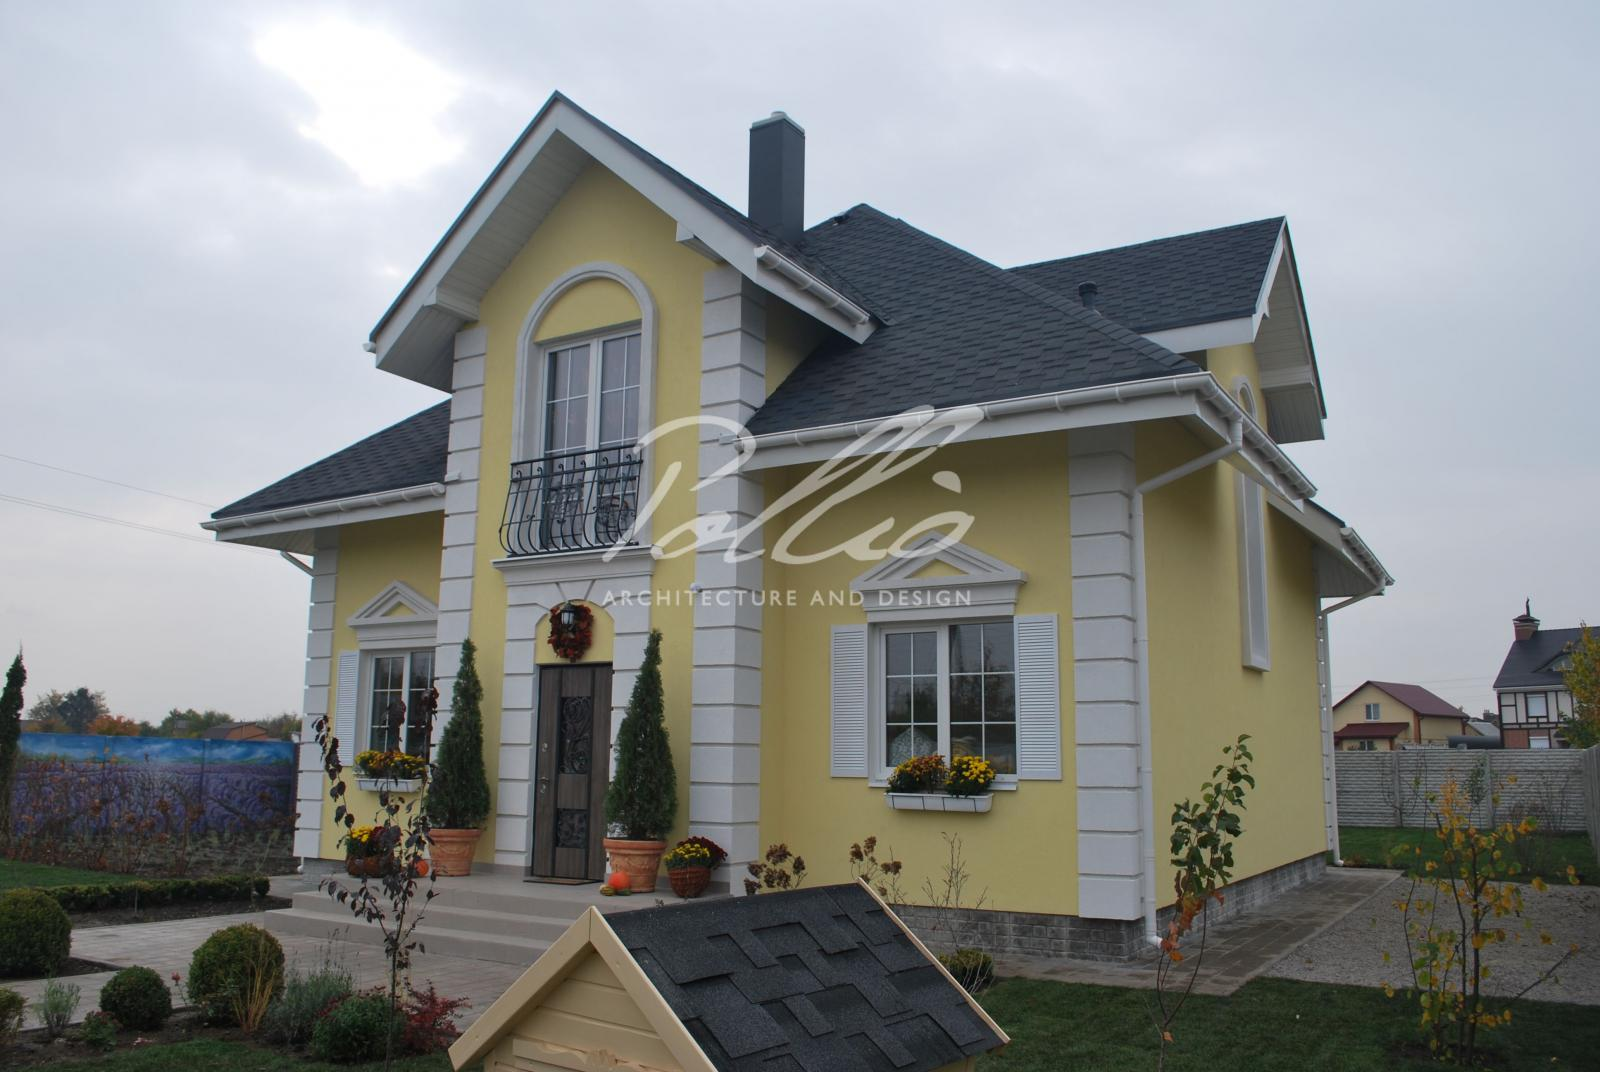 X2a Классический проект мансардного дома в стиле Прованс фото 5